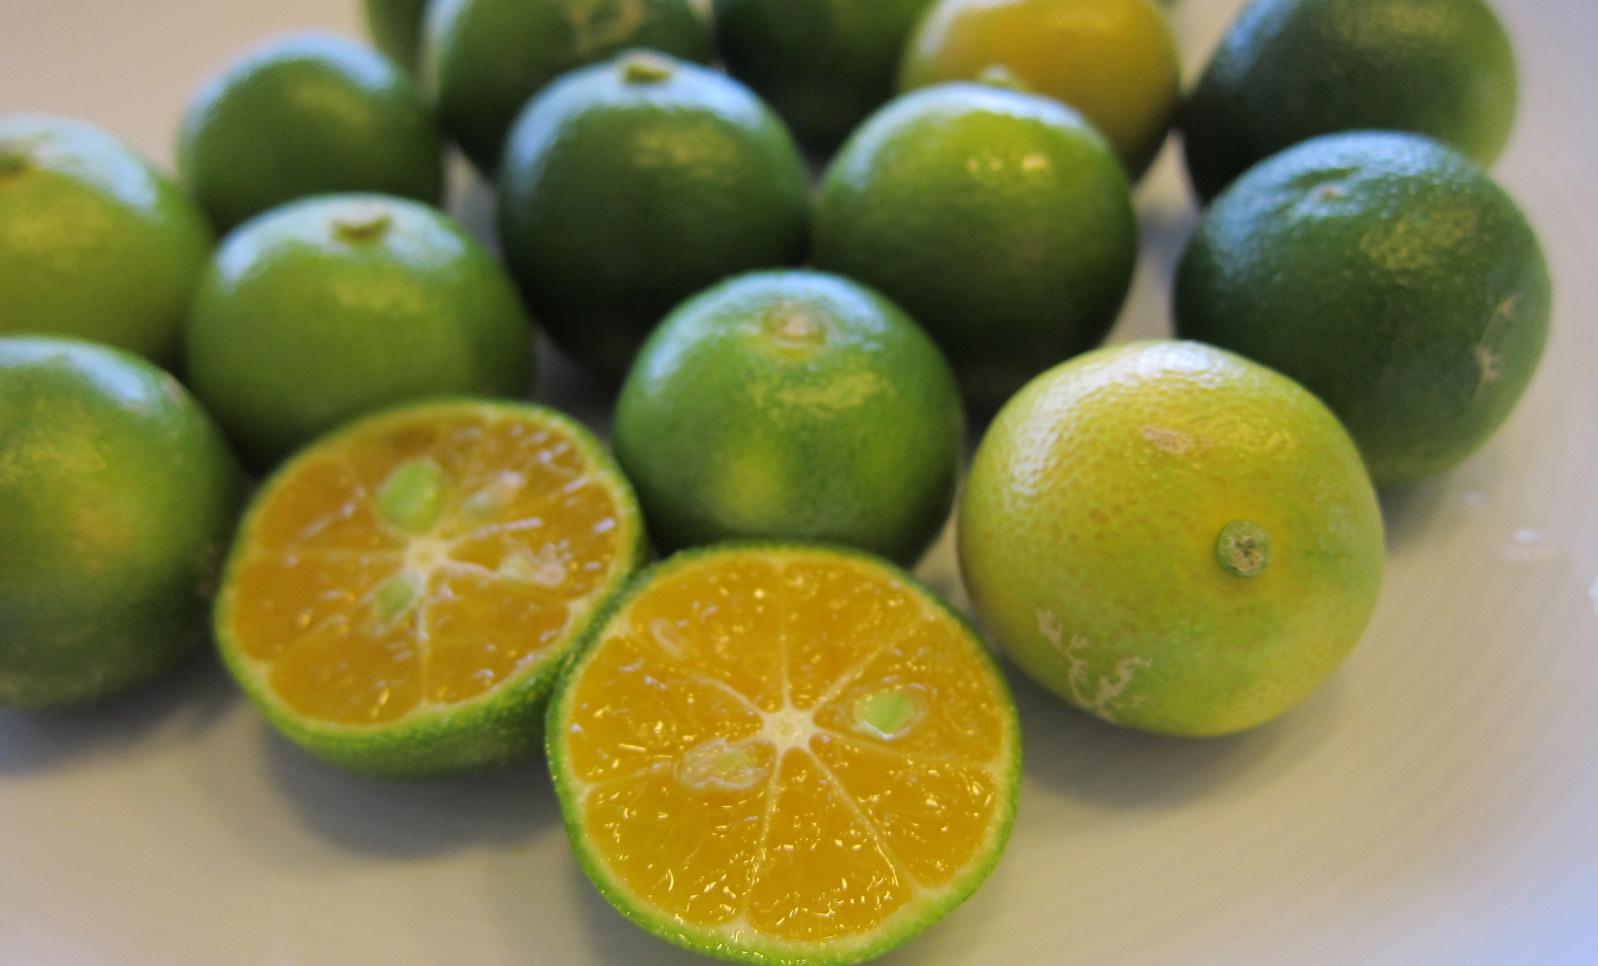 多く 食品 含む を ノビレチン ルテインを多く含む食べ物・食材23選!野菜や果物の含有量はどれくらい?